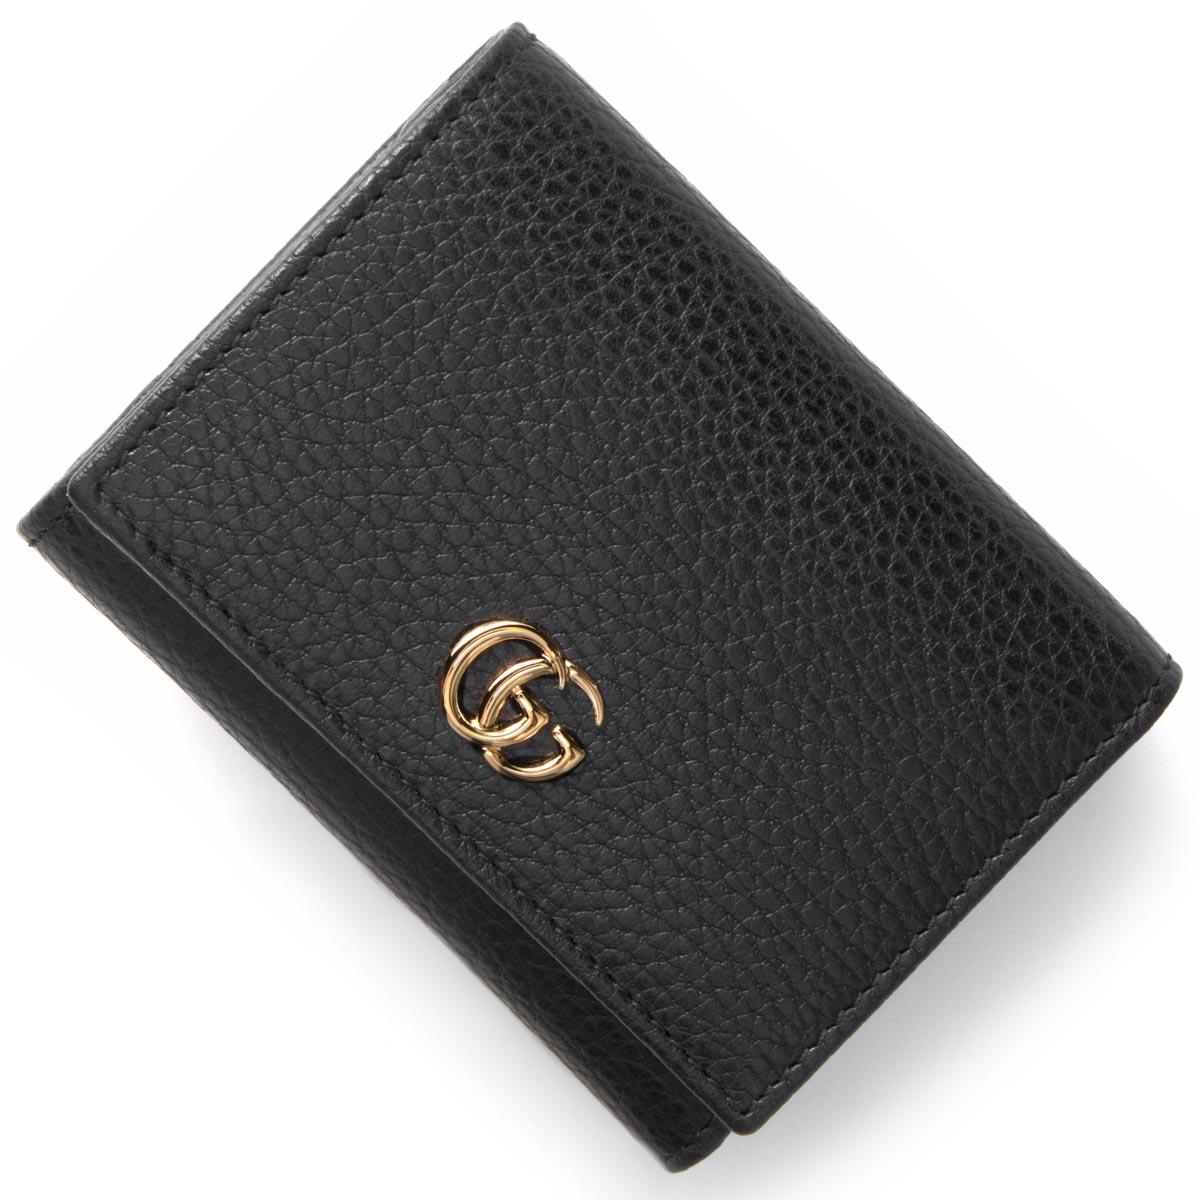 グッチ 三つ折り財布 財布 レディース シルヴィ プチ マーモント PETITE MARMONT ブラック 474746 CAO0G 1000 GUCCI